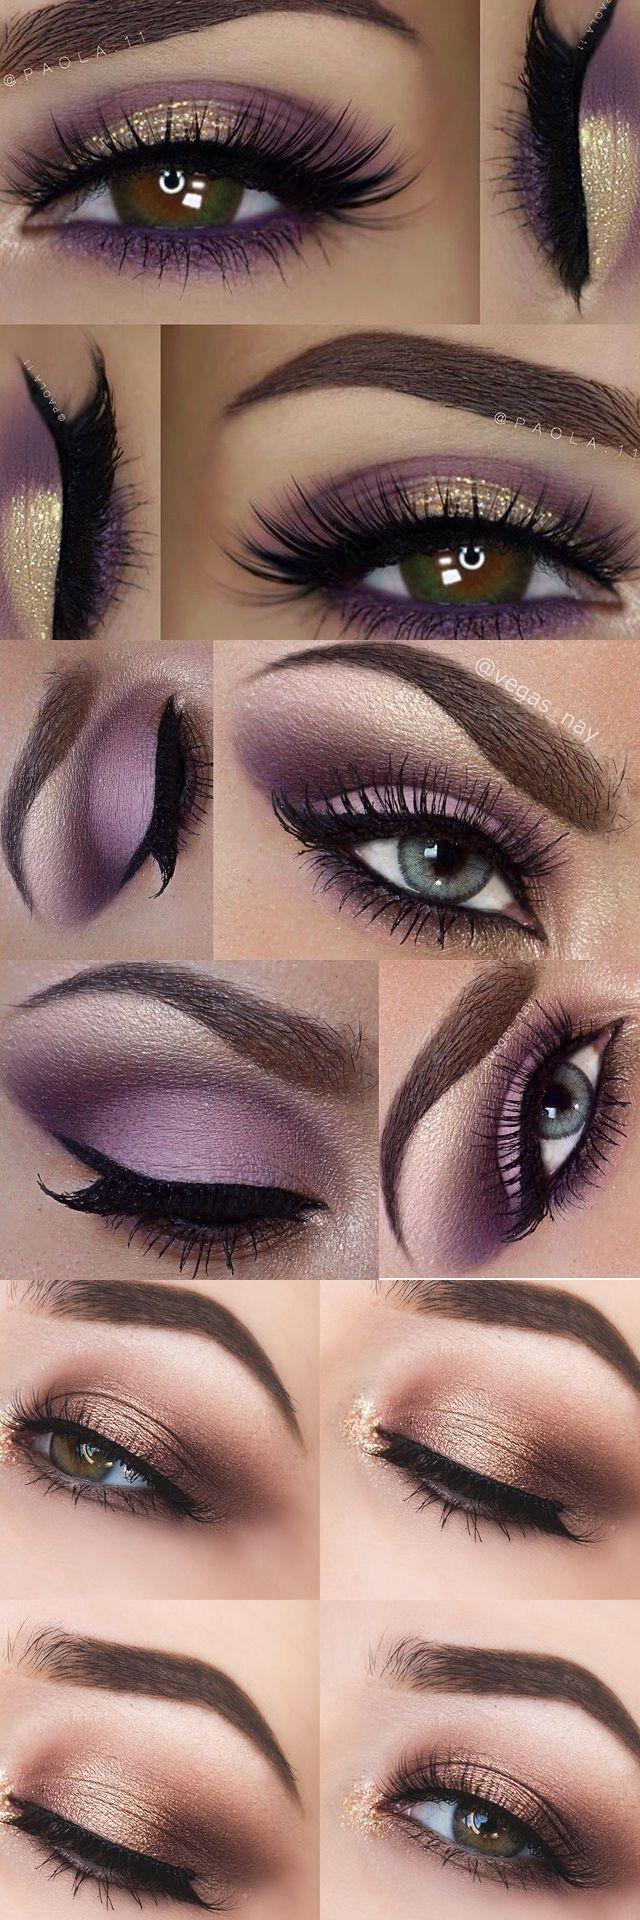 DIY Ideas Makeup : Pinterest: @NewWaves  https://diypick.com/beauty/diy-makeup/diy-ideas-makeup-pinterest-newwaves/